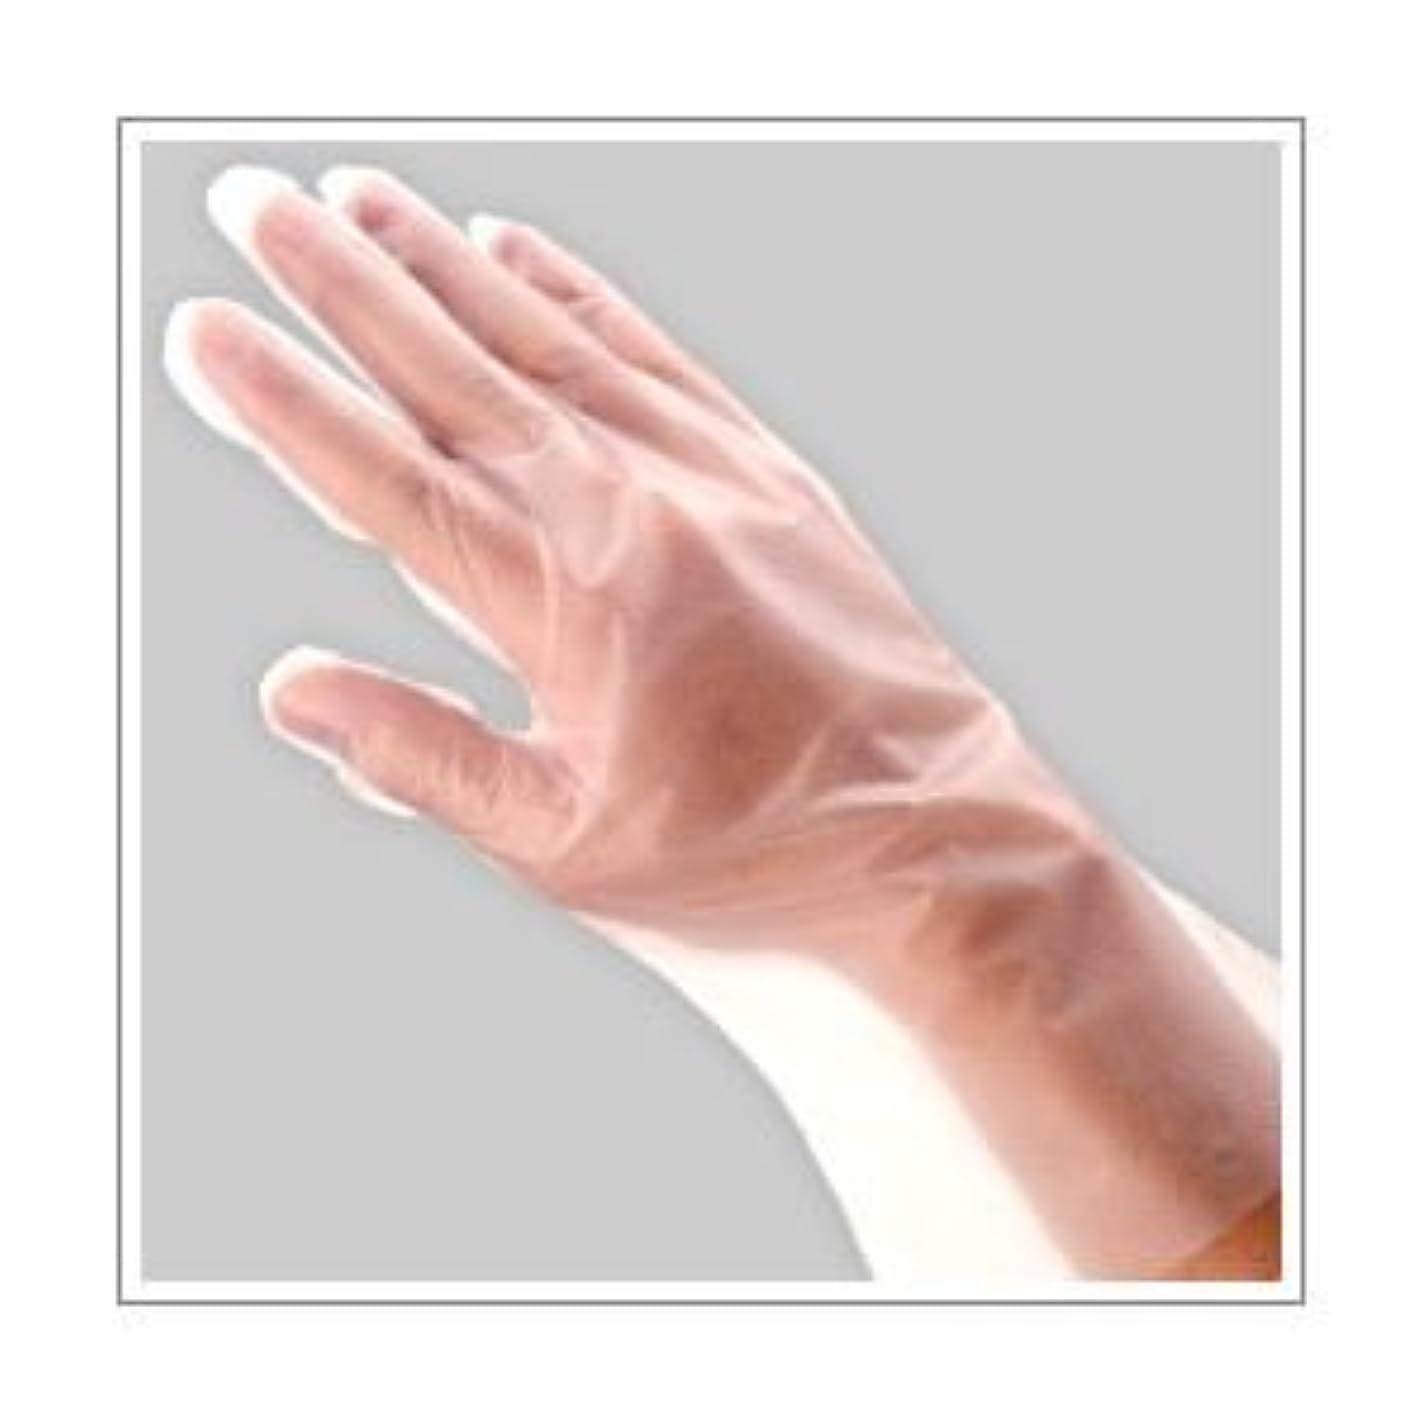 慢バッジペチュランス(業務用セット) 福助工業 ポリ手袋 指フィット 100枚パック L 【×10セット】 dS-1640685